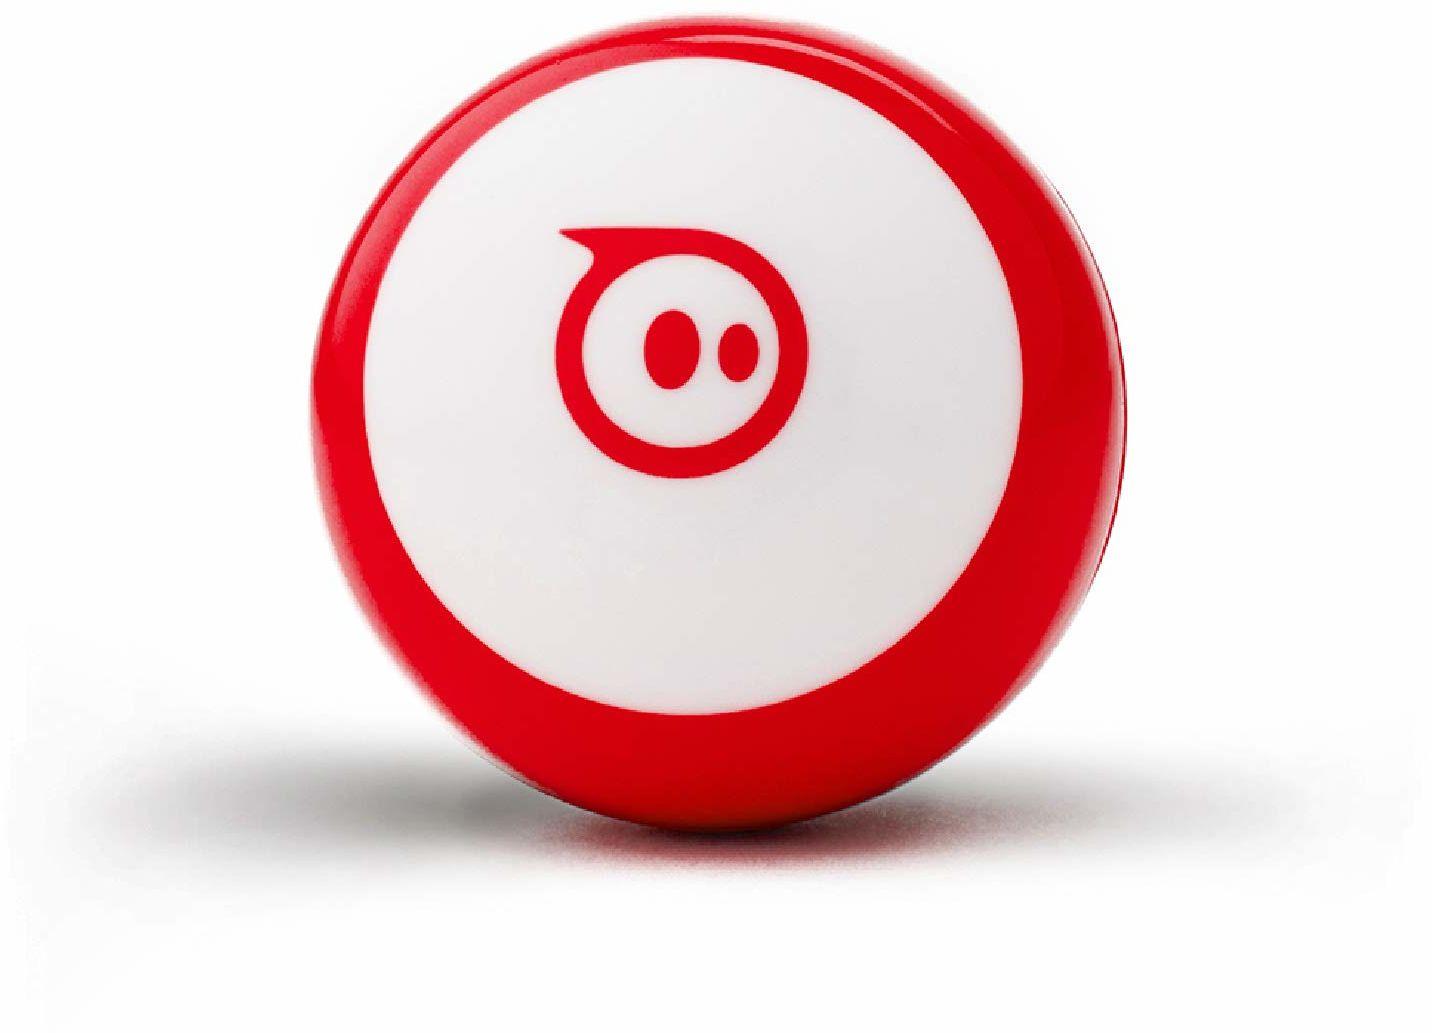 Sphero Mini Czerwony: Robot Ball sterowana aplikacją, STEM zabawka do nauki i kodowania, dla dzieci od 8 lat